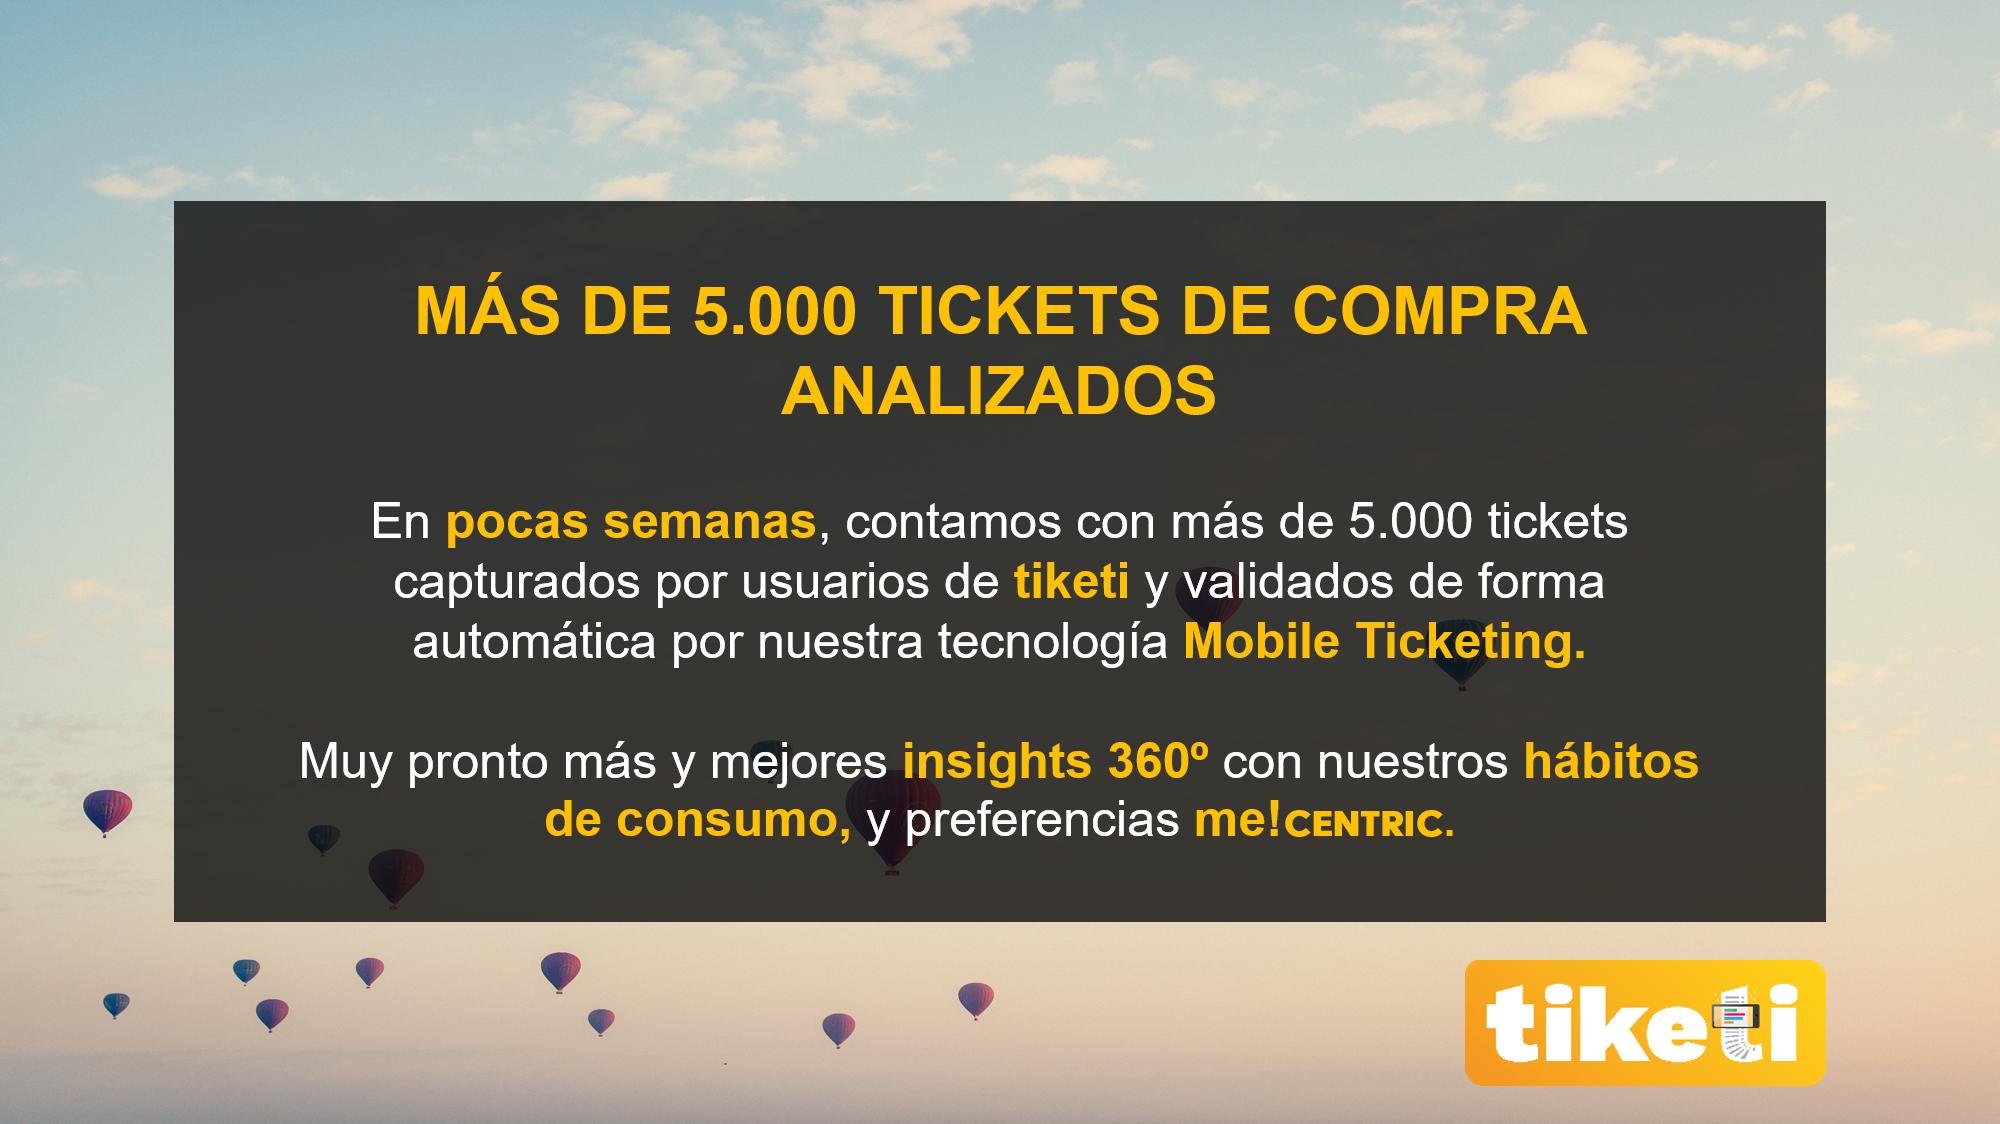 Más de 5000 tickets de compra analizados